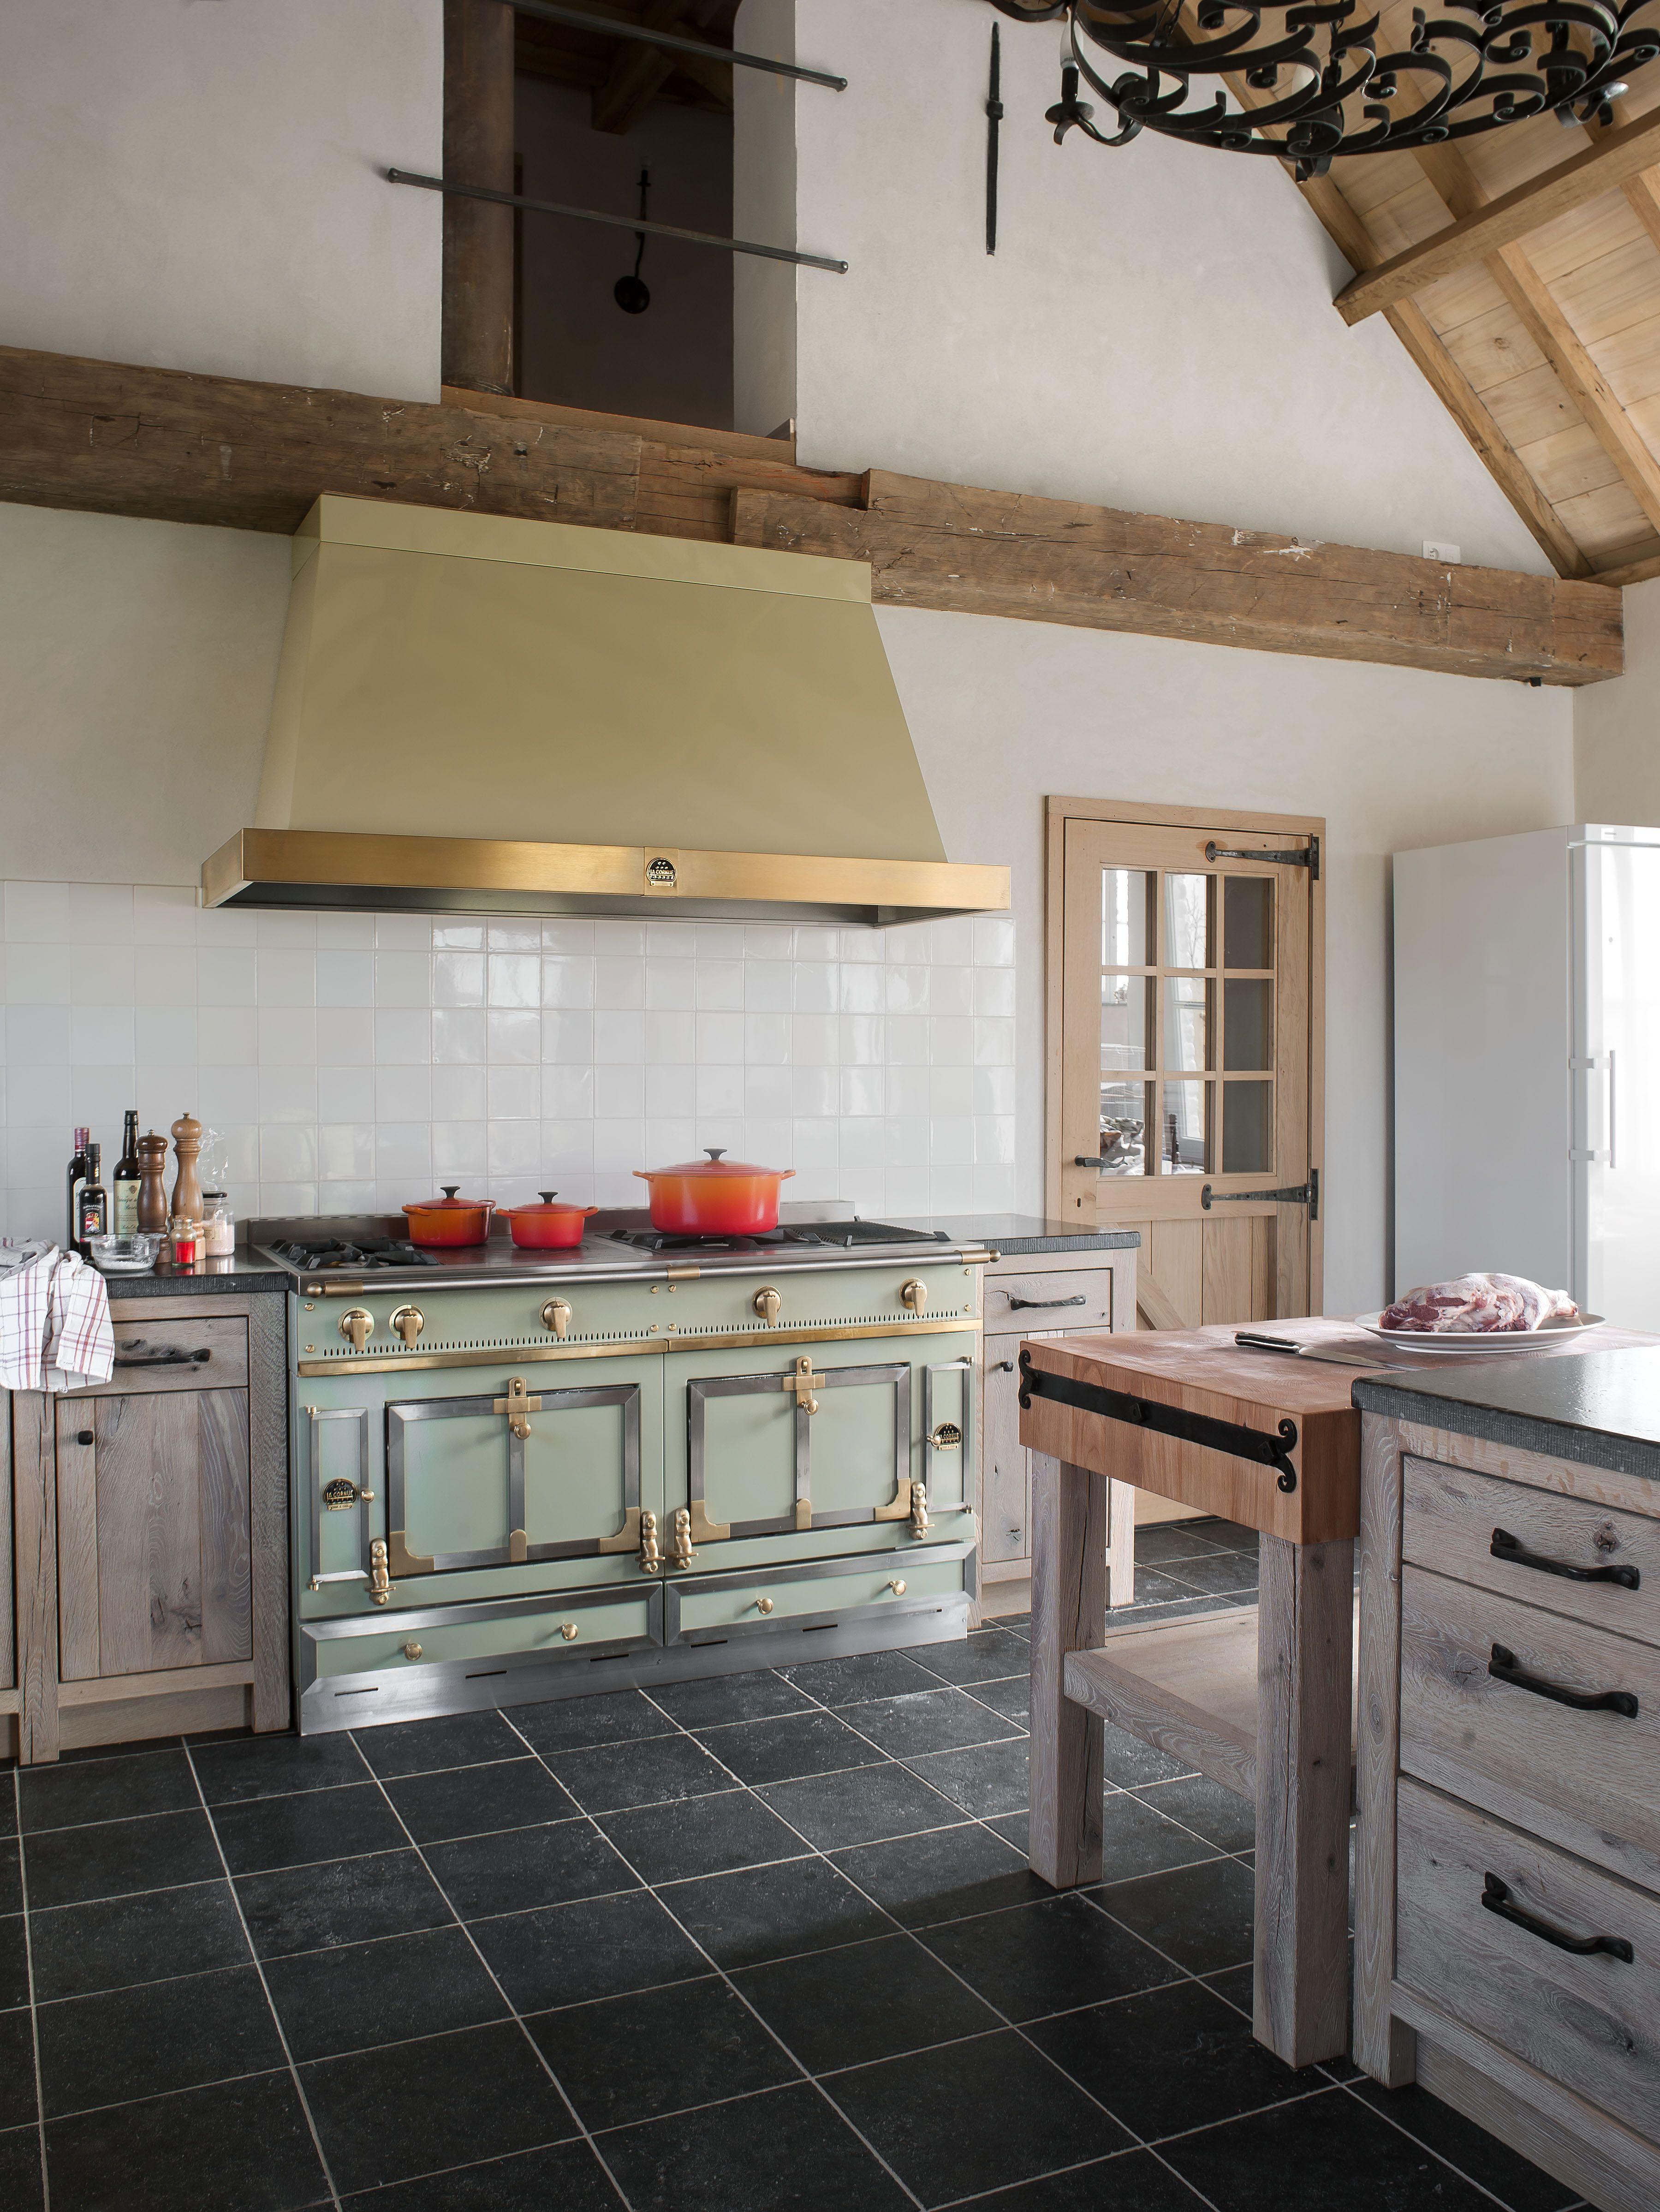 Épinglé par La Cornue sur French Chef Kitchen | Inspiration cuisine, Cuisinière ancienne, Cuisine